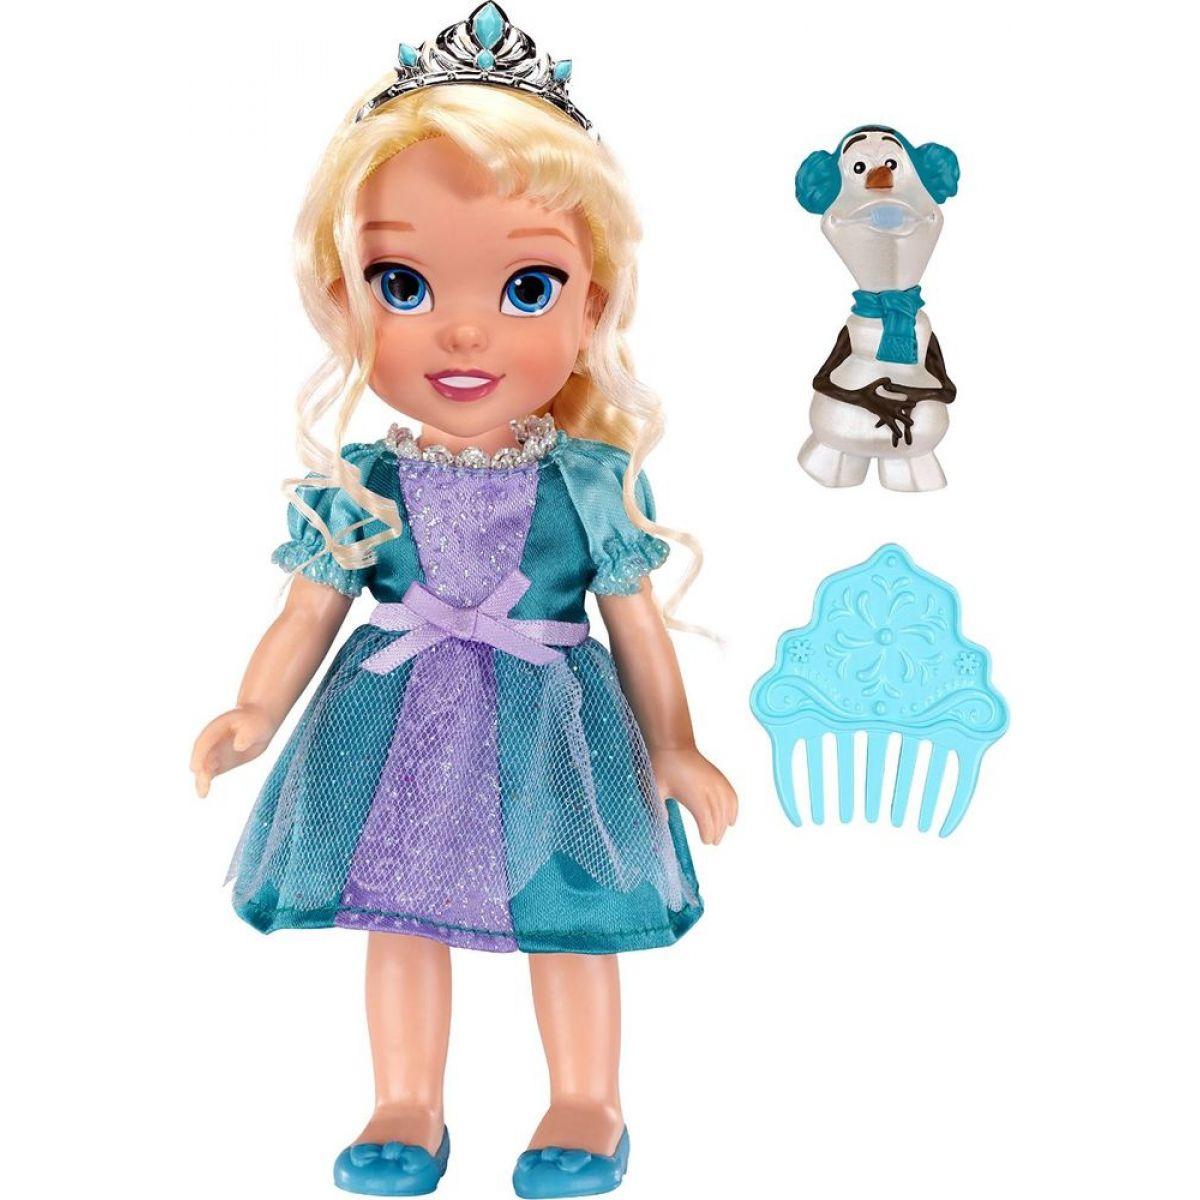 ADC Blackfire Ledové království Princezna a sněhulák - Mladá Elsa